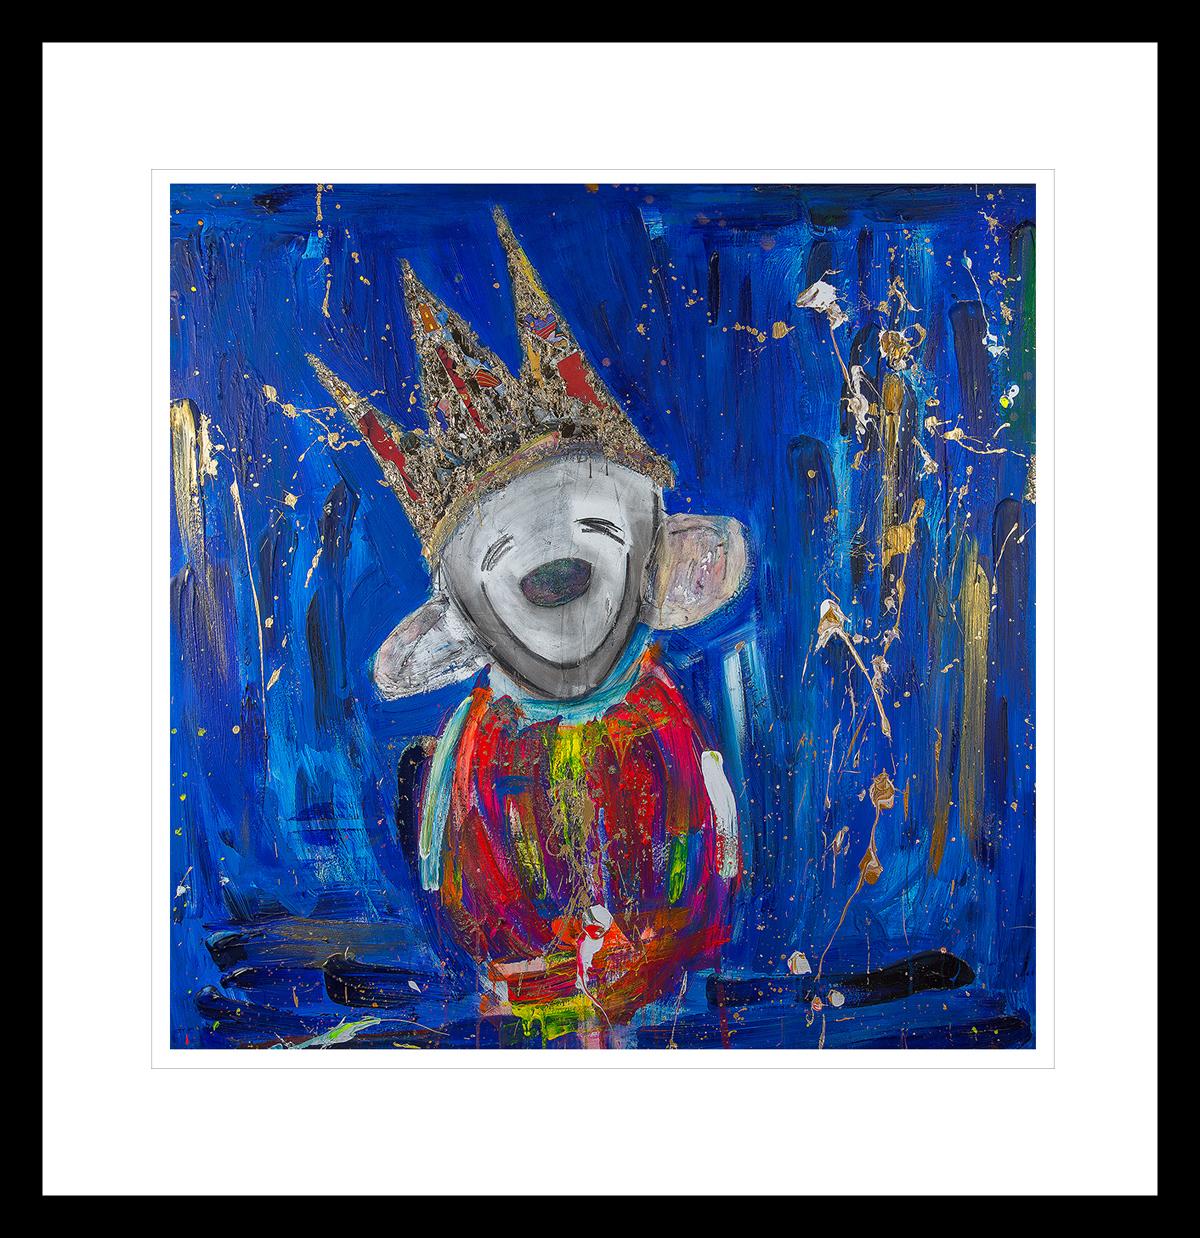 Smilende Optimist, malt med sterke primærfarger. Håndkolorert grafikk av Marianne Aulie.